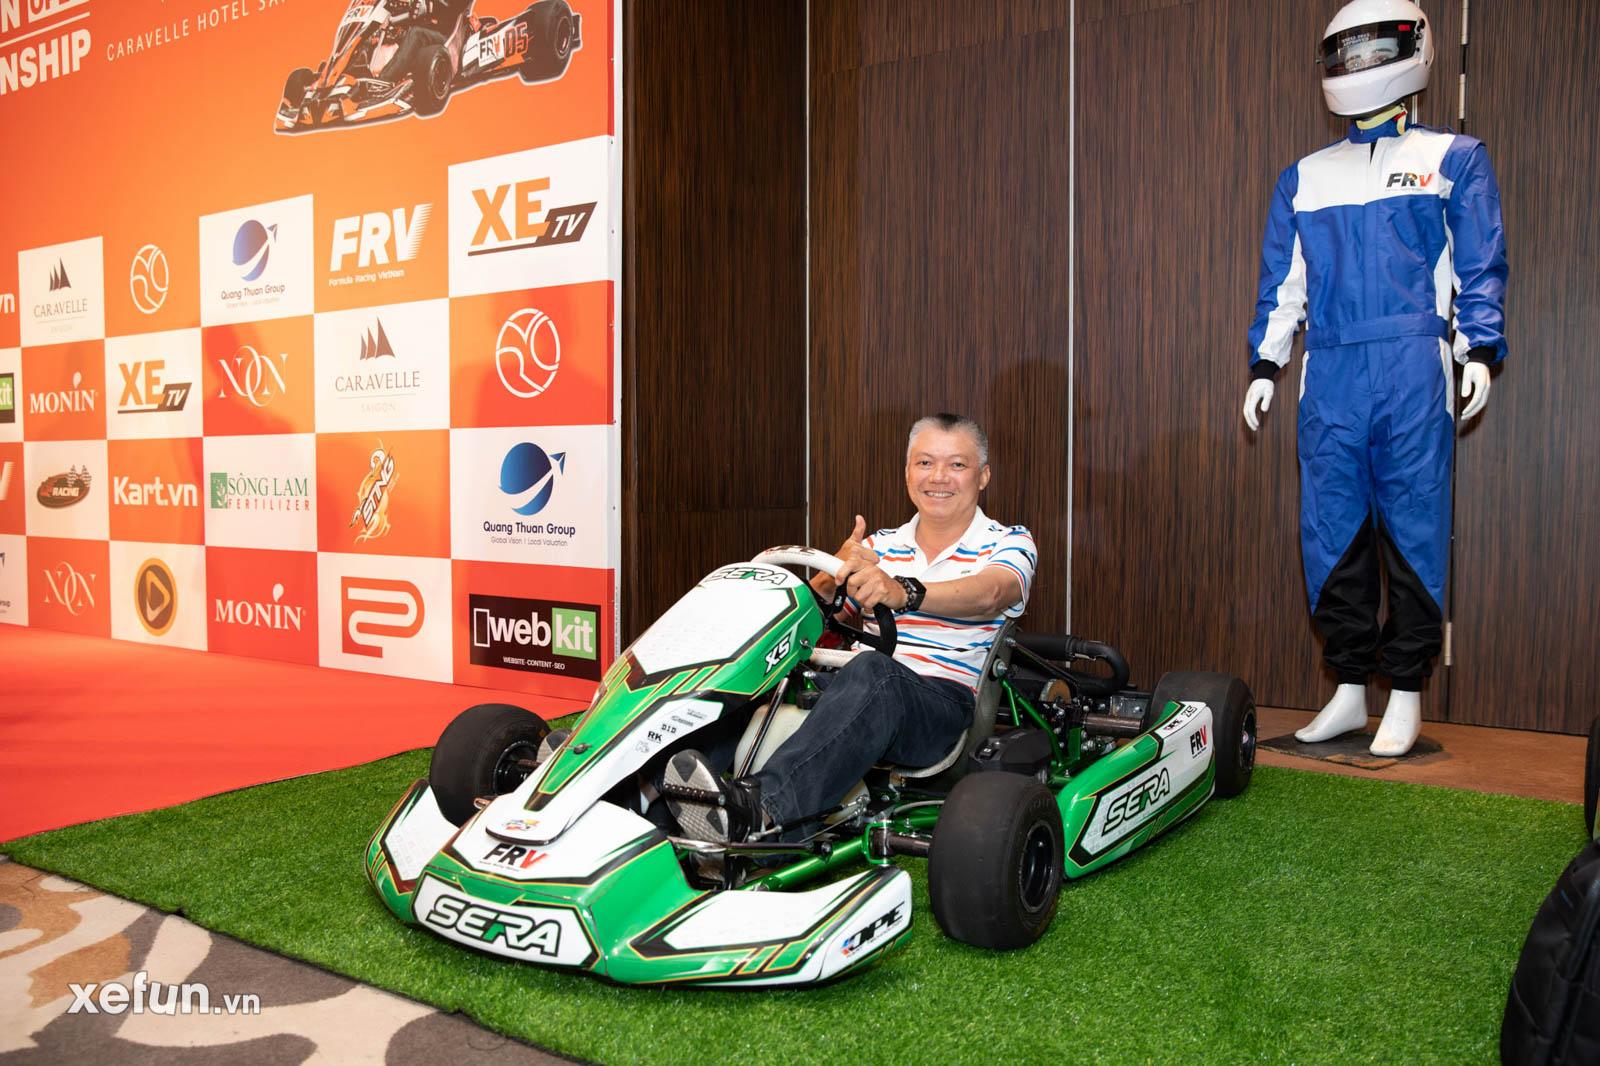 Giải đua Go Kart Southern Open Championship Formula Racing Vietnam trên Xefun (1)457768